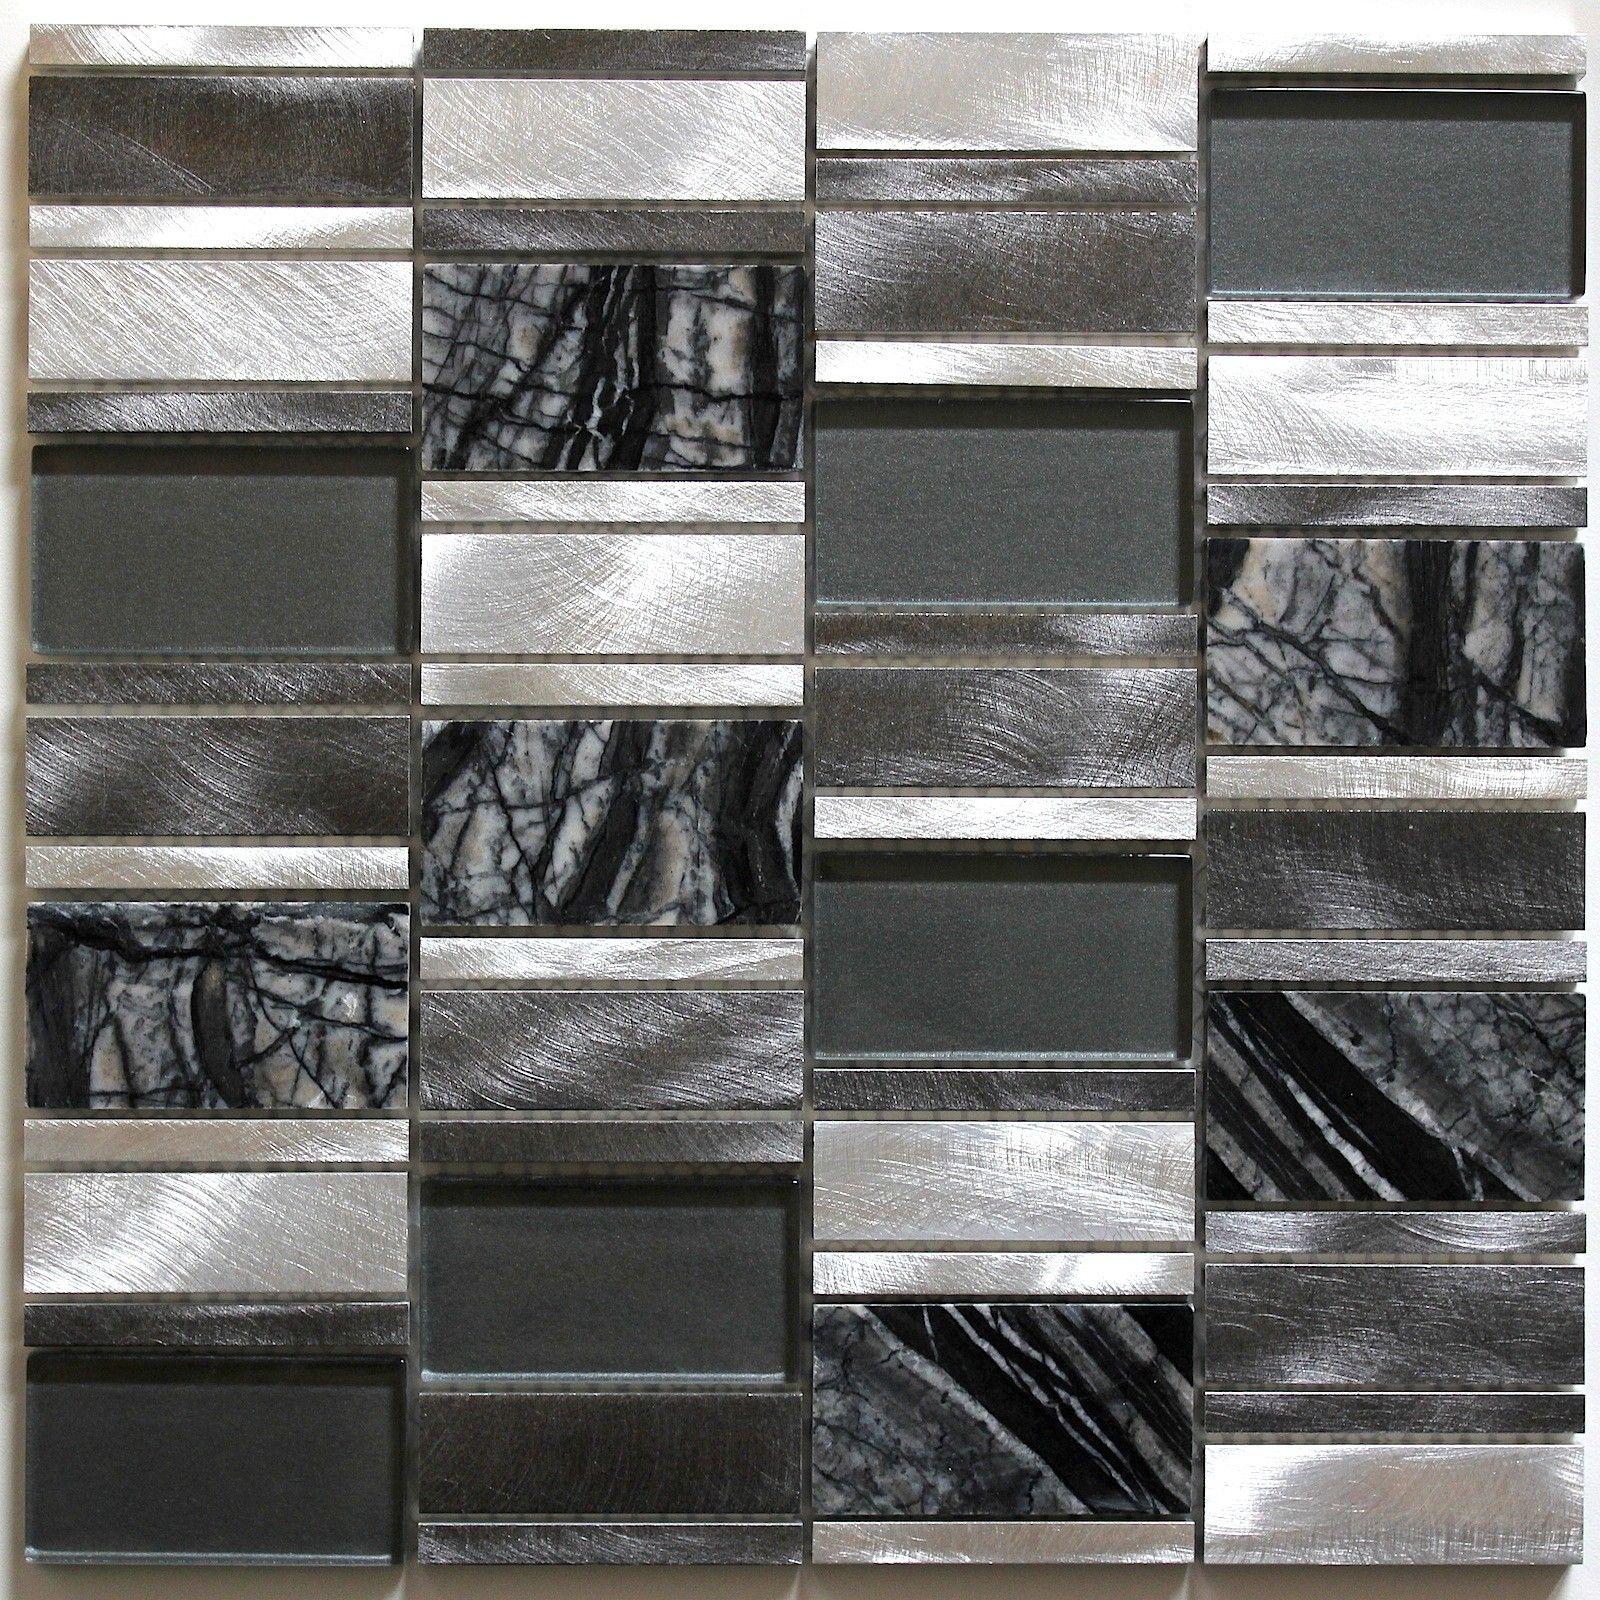 Dalle Mosaique Aluminium Et Verre Carrelage Cuisine Credence Ceti